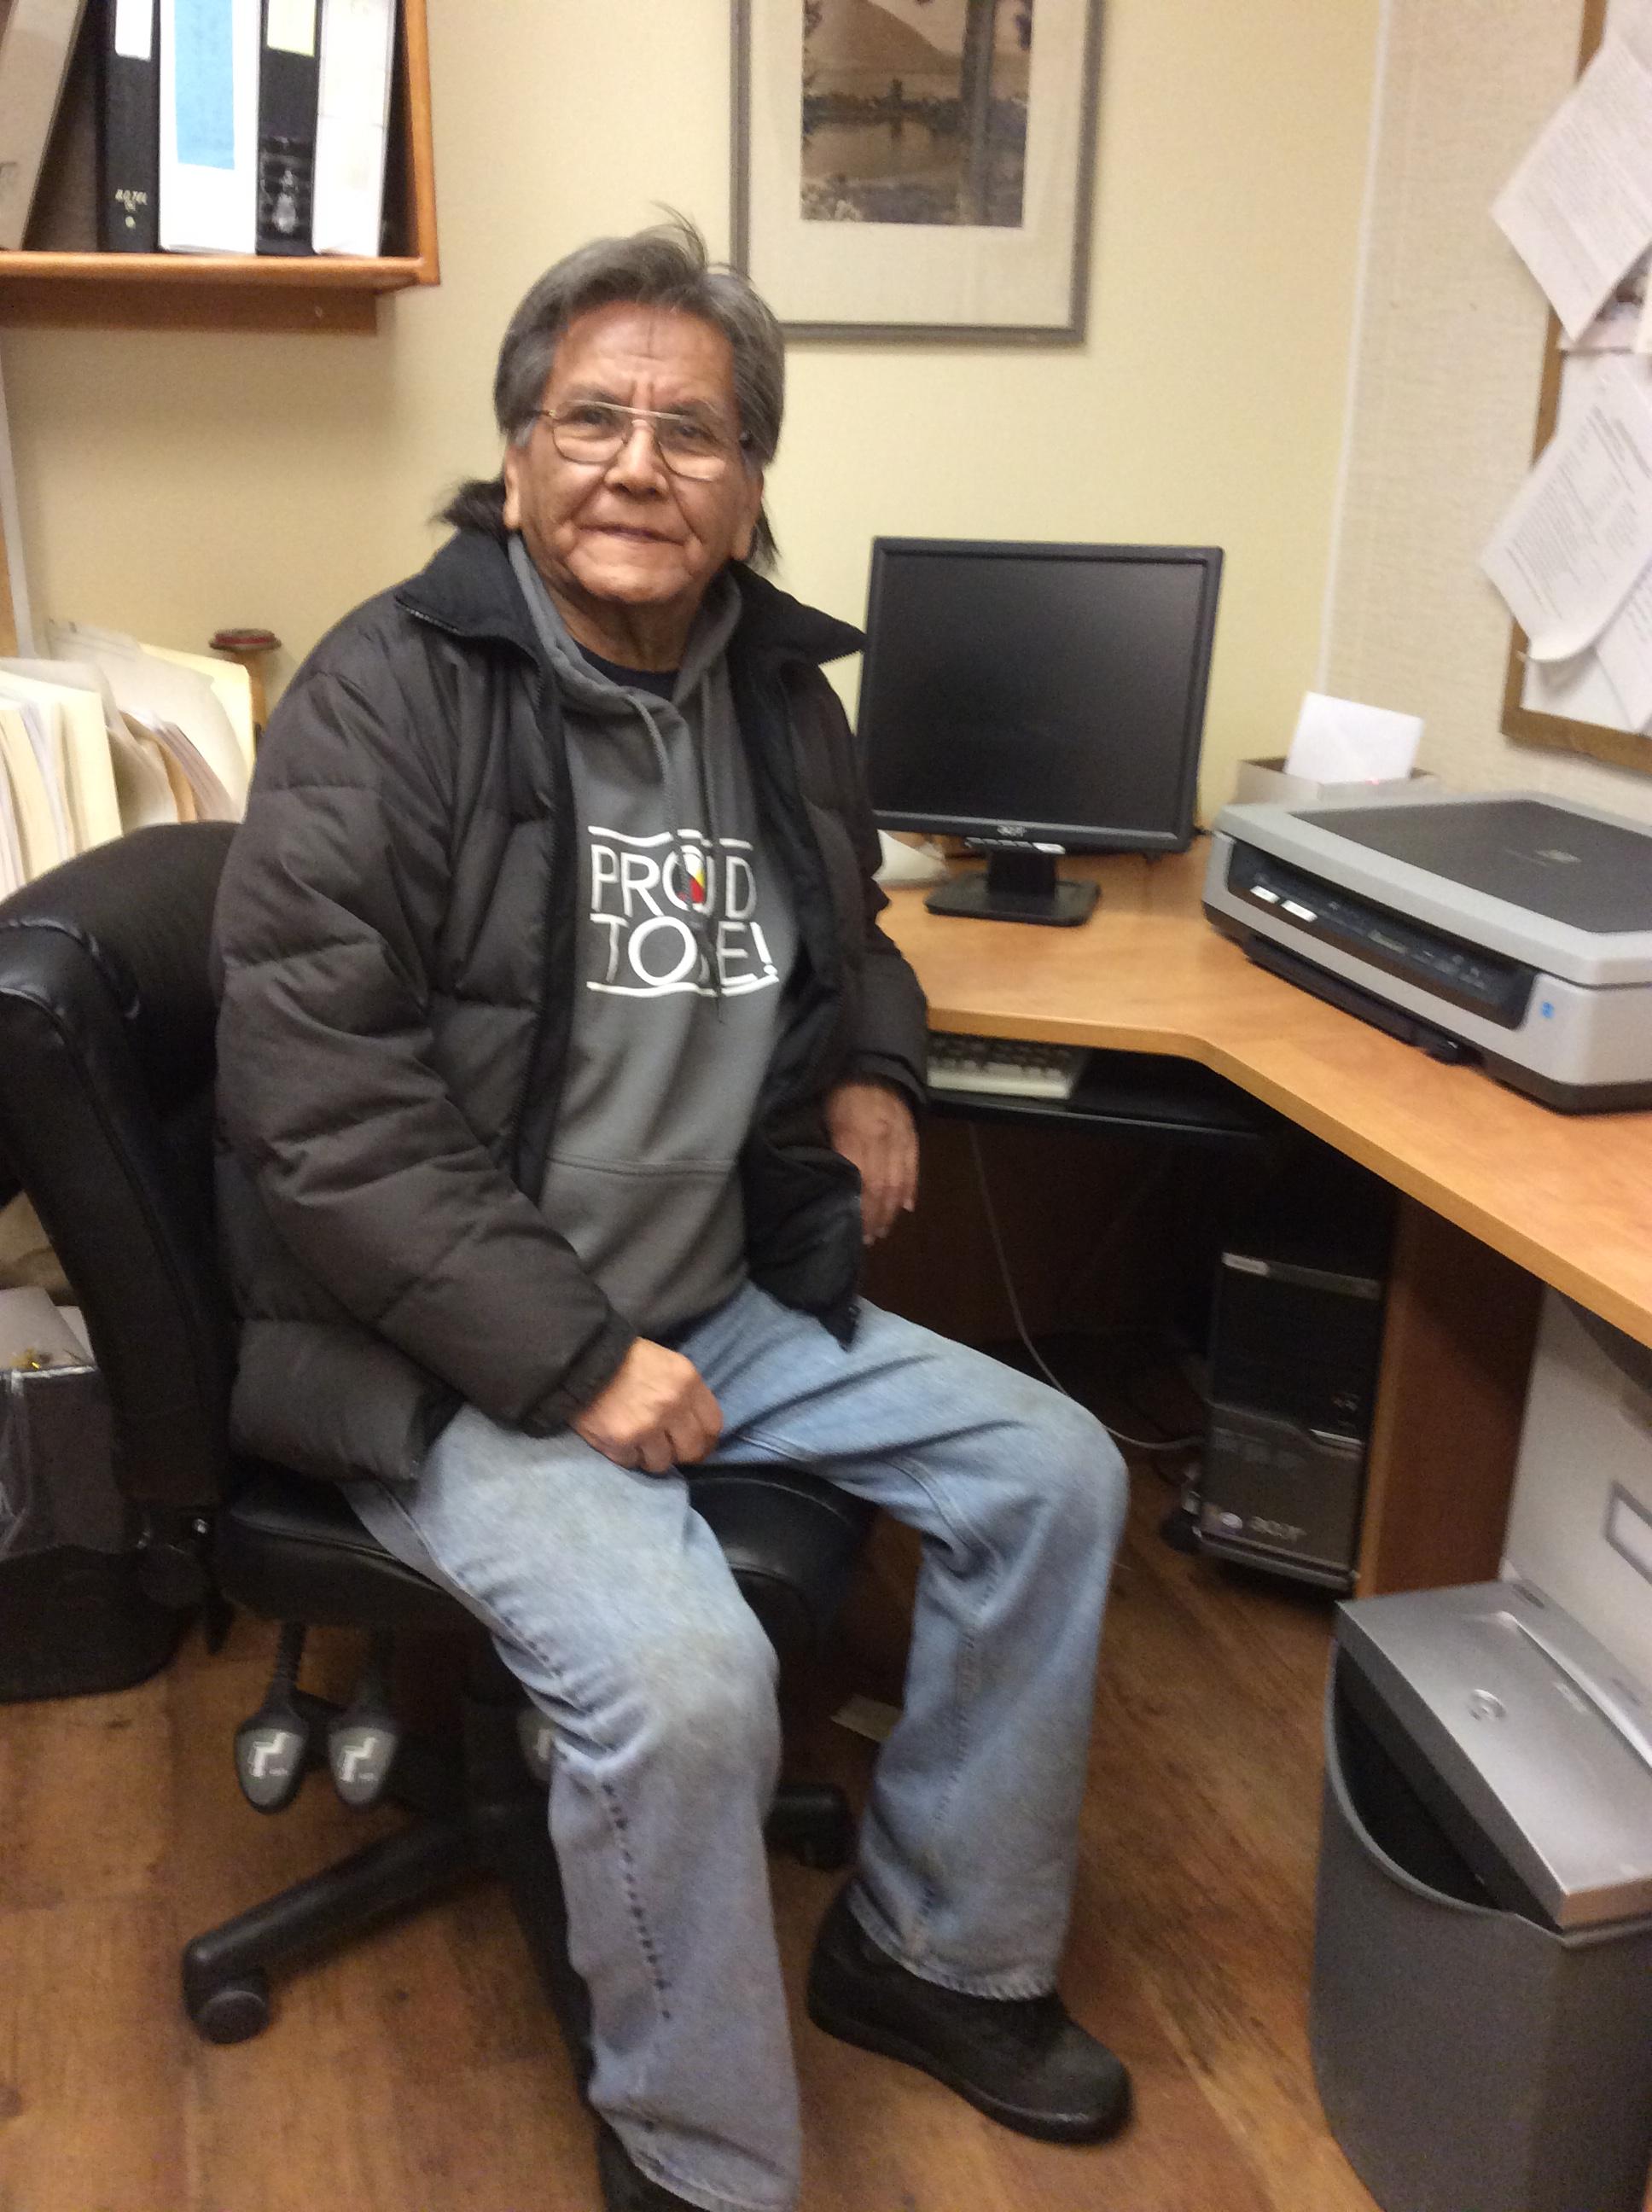 Homme souriant, vêtu d'un manteau d'hiver, assis à un bureau d'ordinateur.